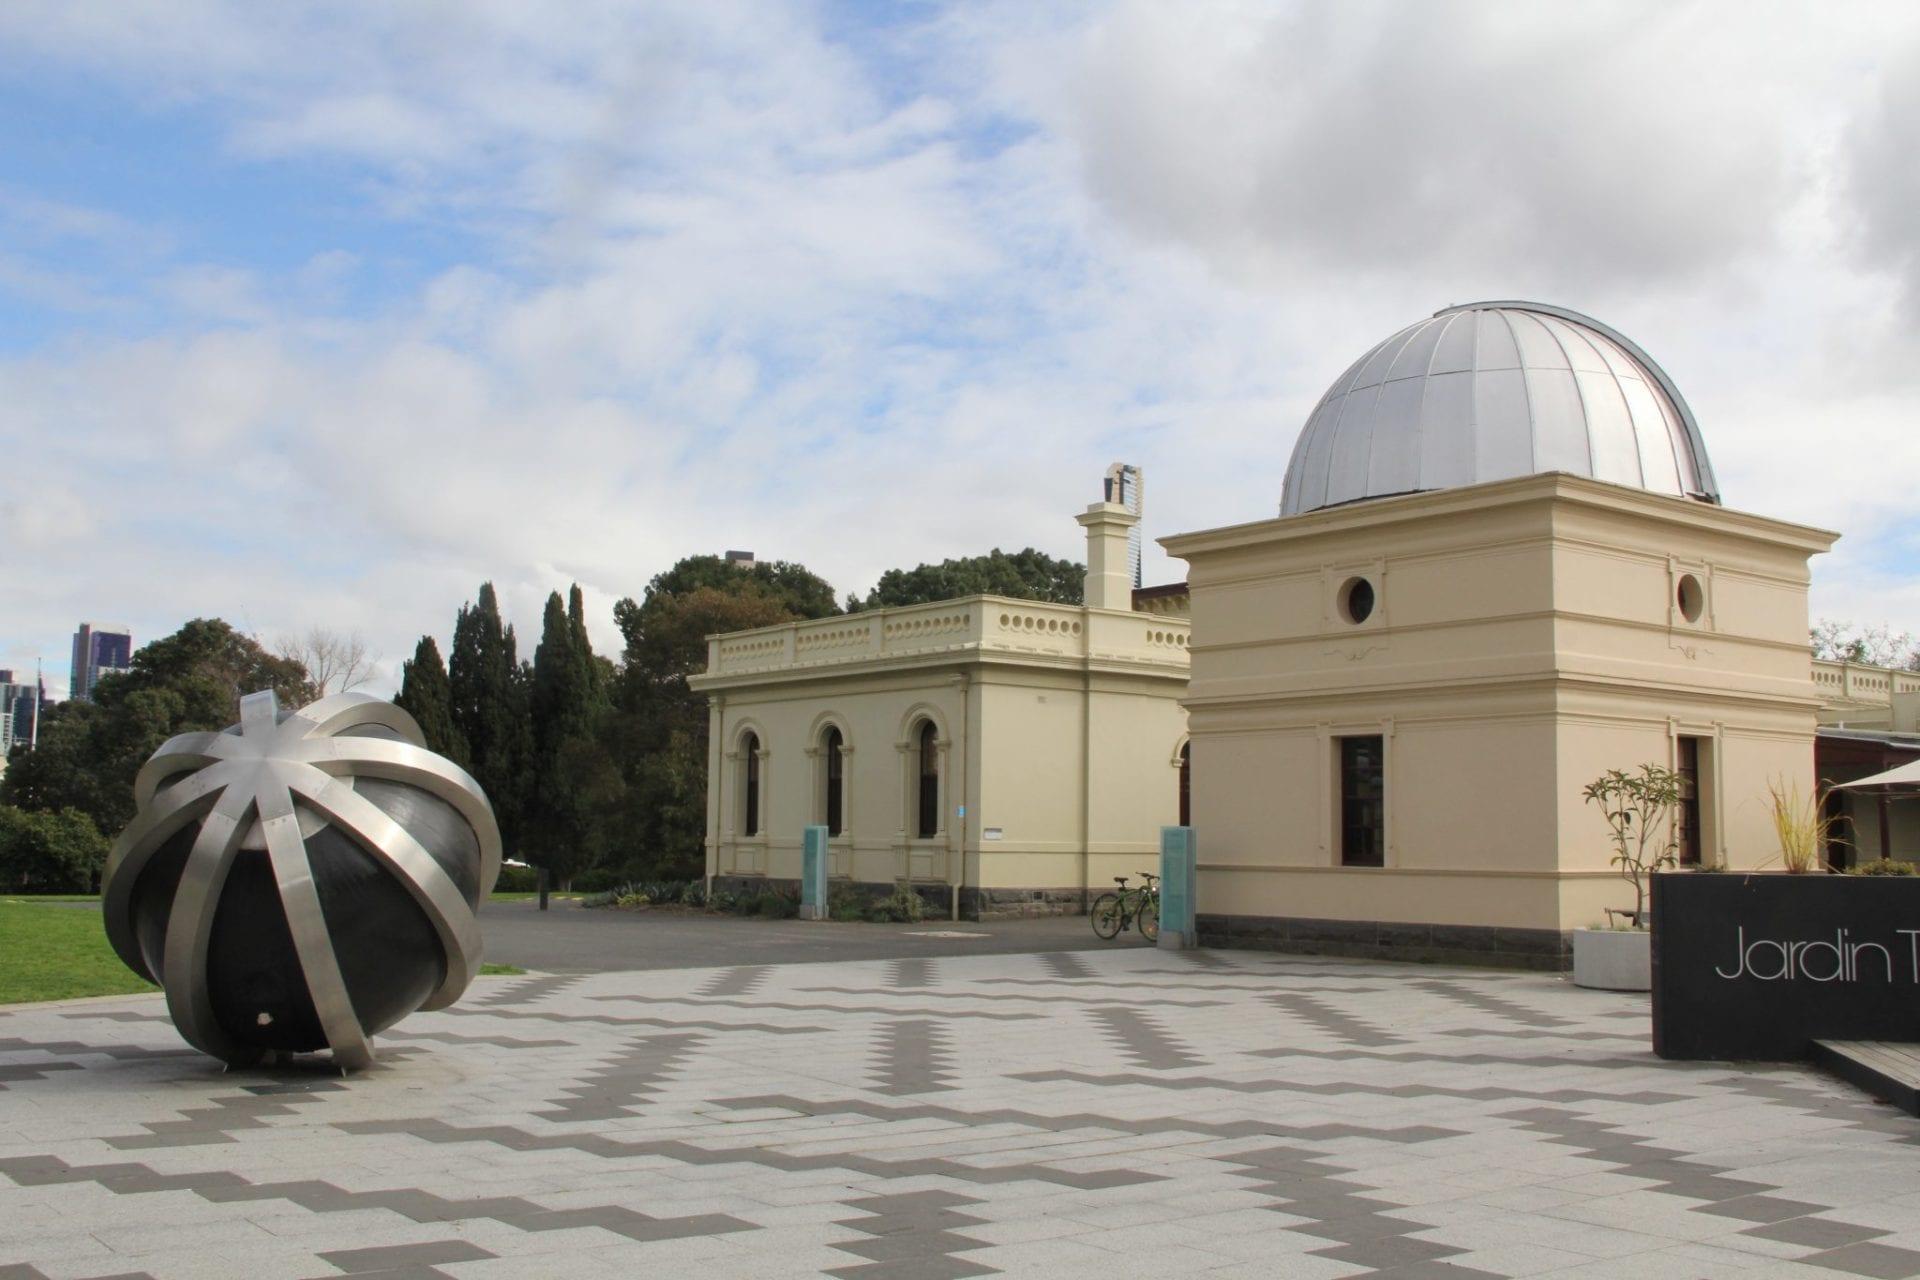 Melbourne Observatorium